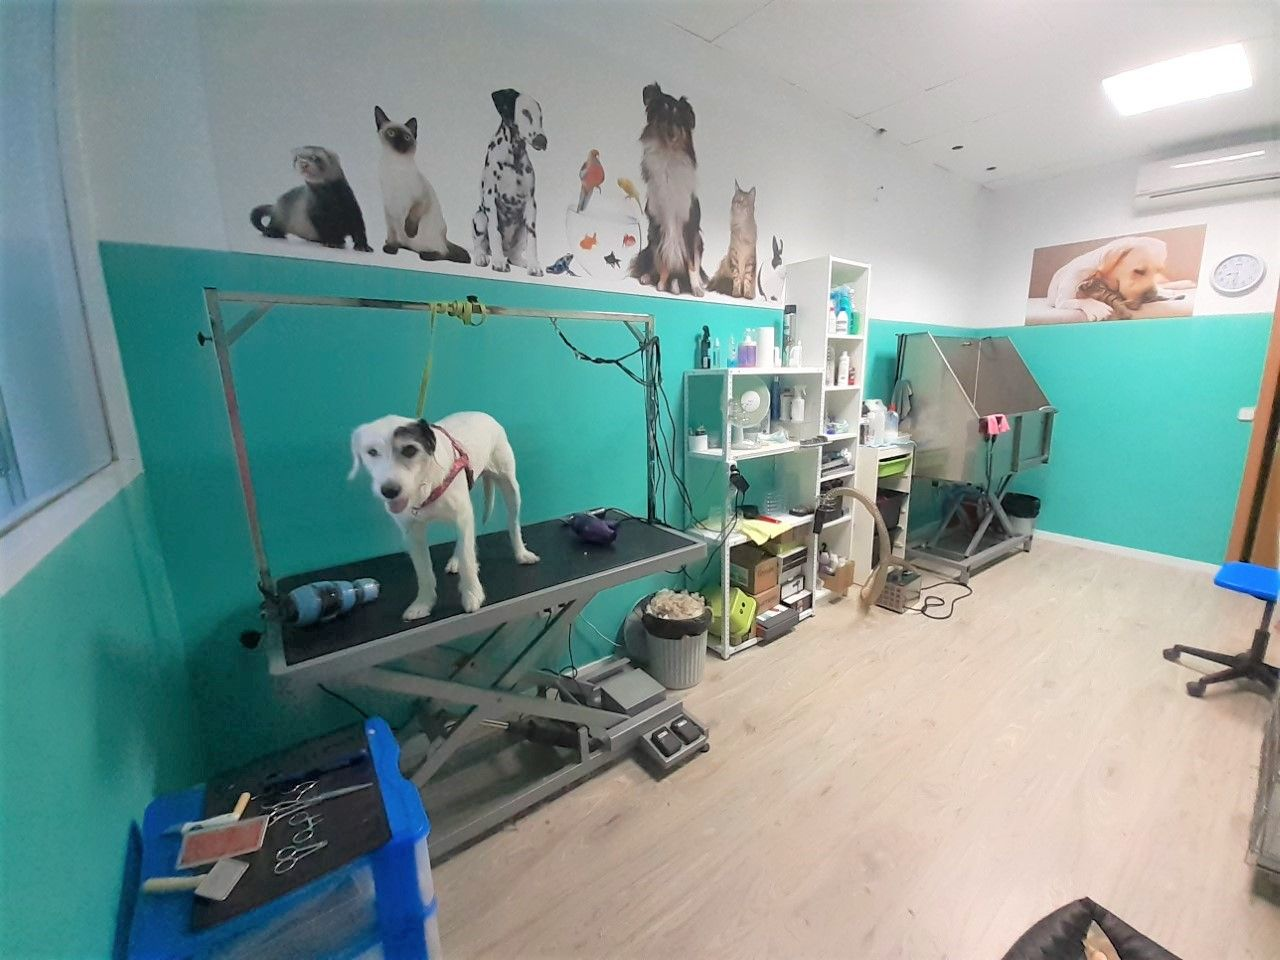 Foto 3 de Tienda de mascotas en Leganés en Leganés | Narval Mascotas